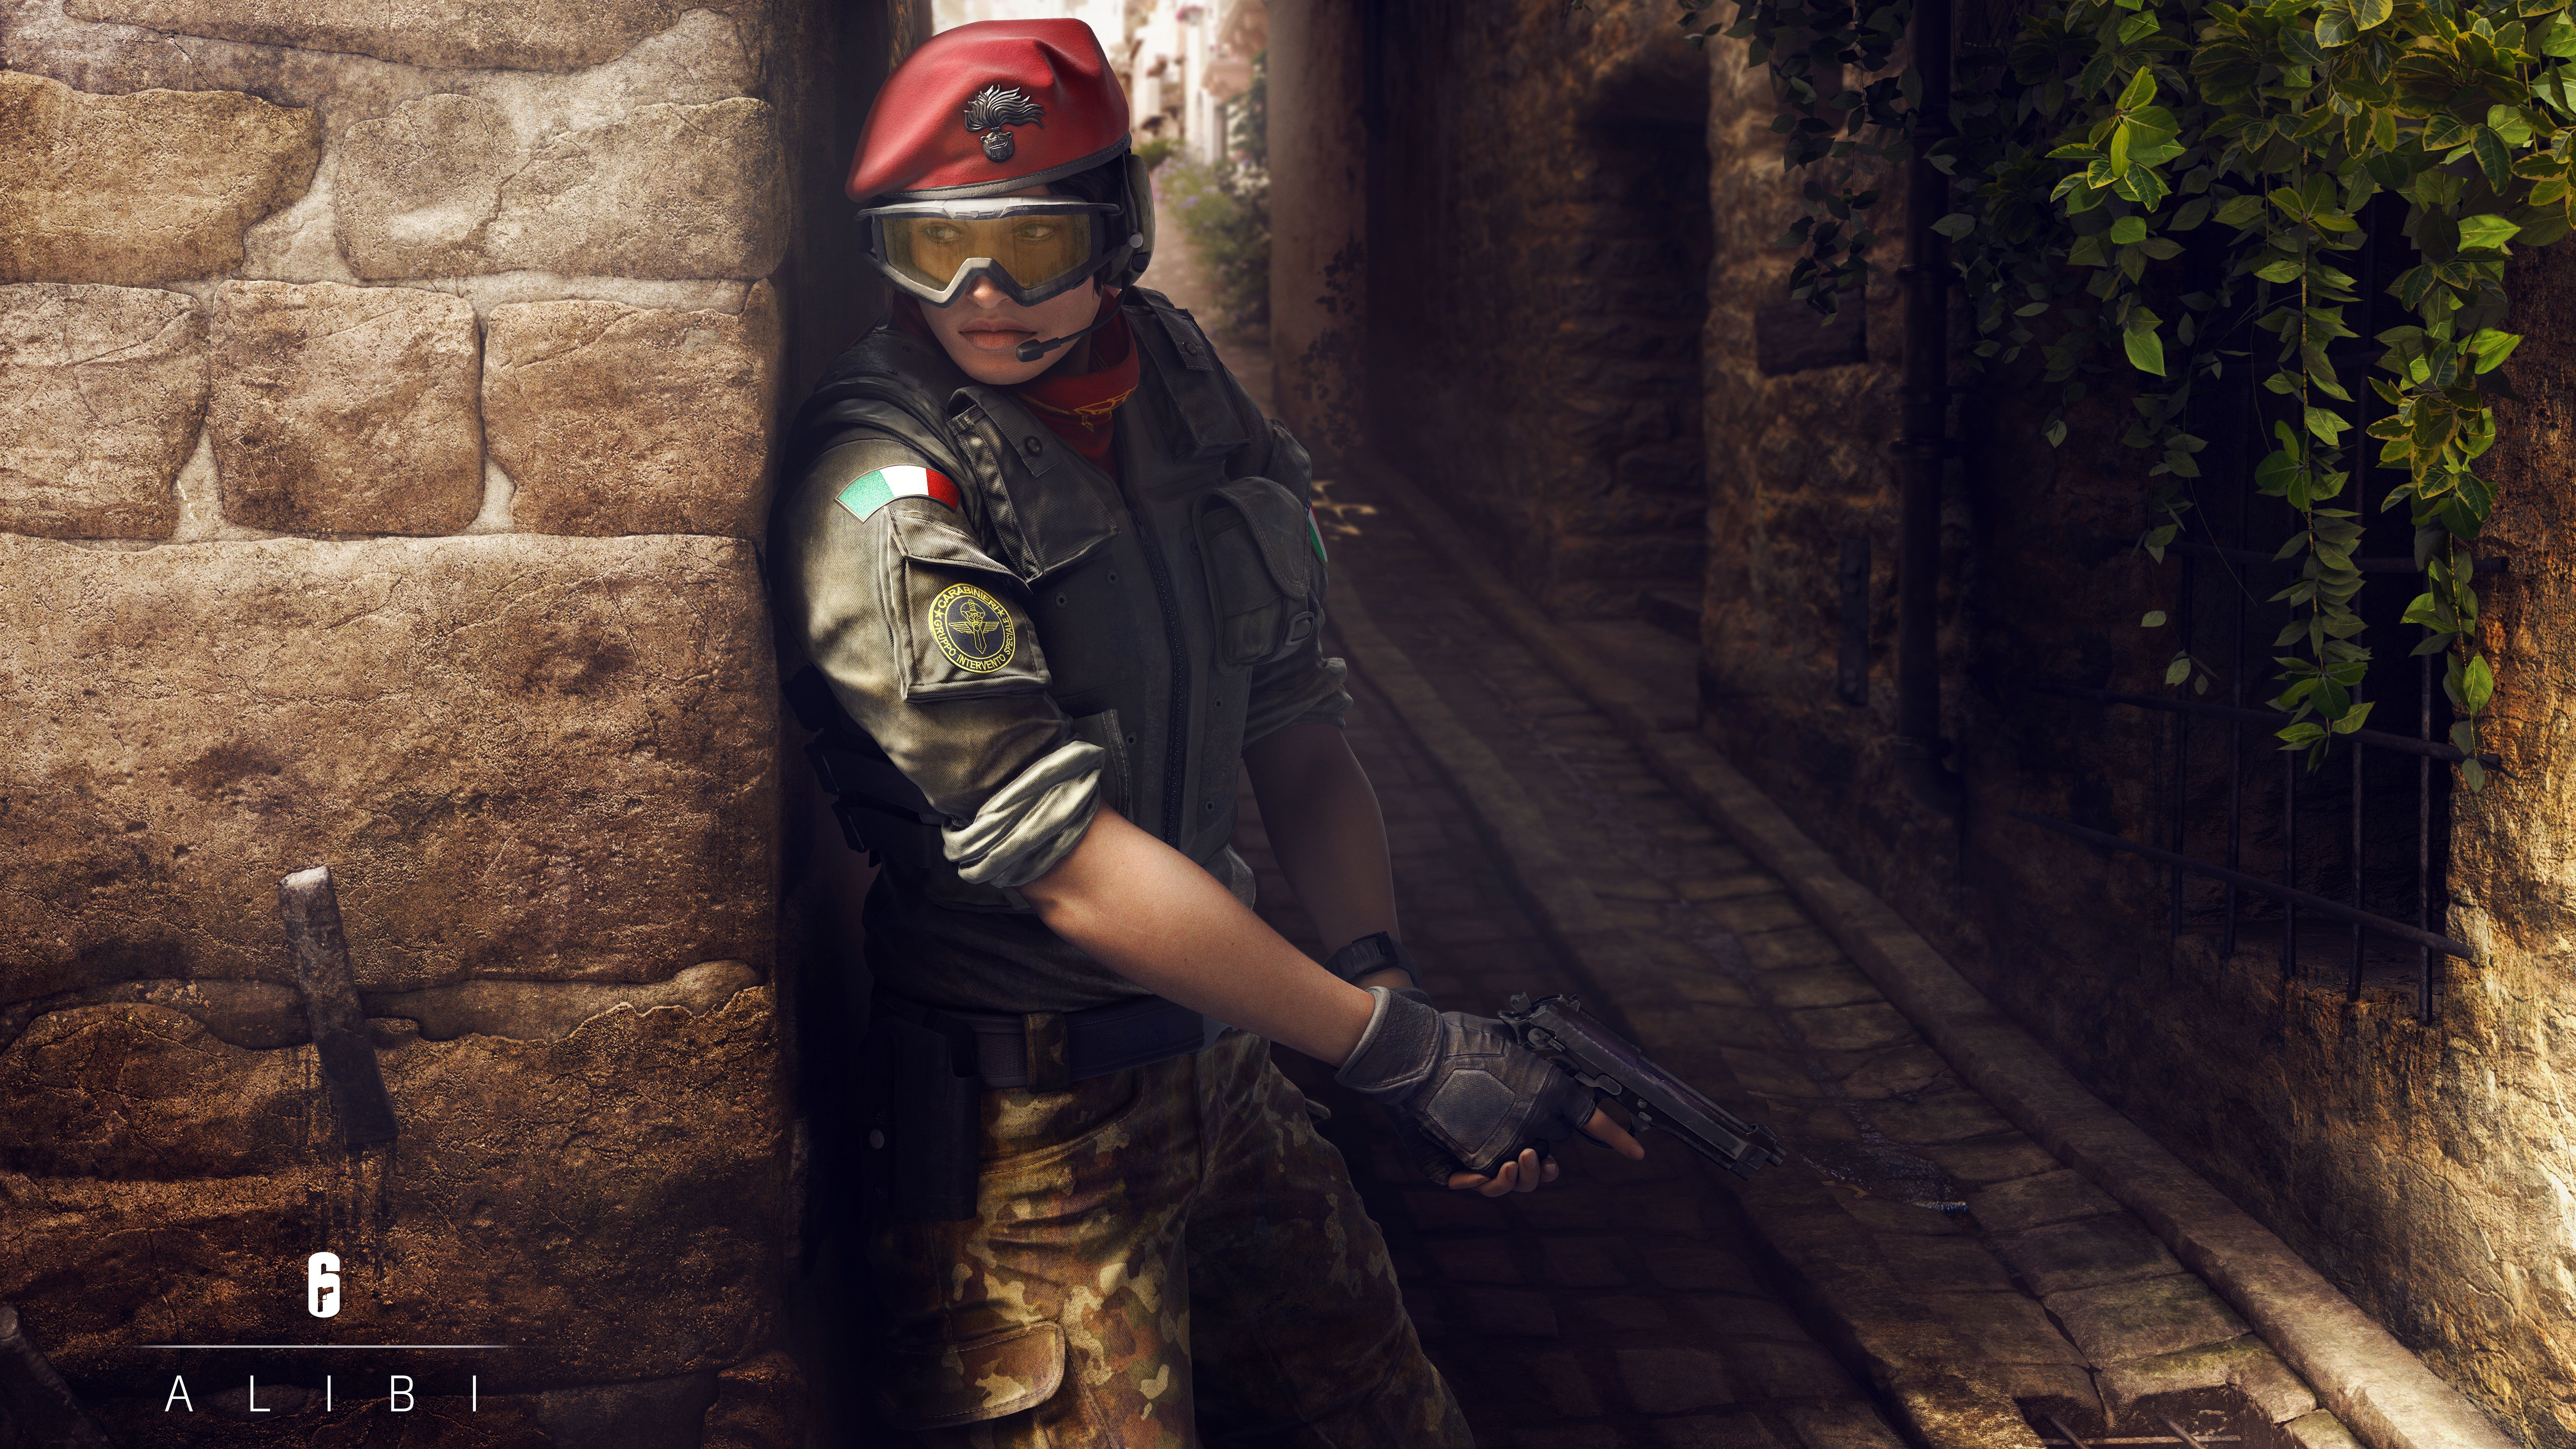 Alibi In Tom Clancys Rainbow Six Siege 4k 8k Clancys Rainbow